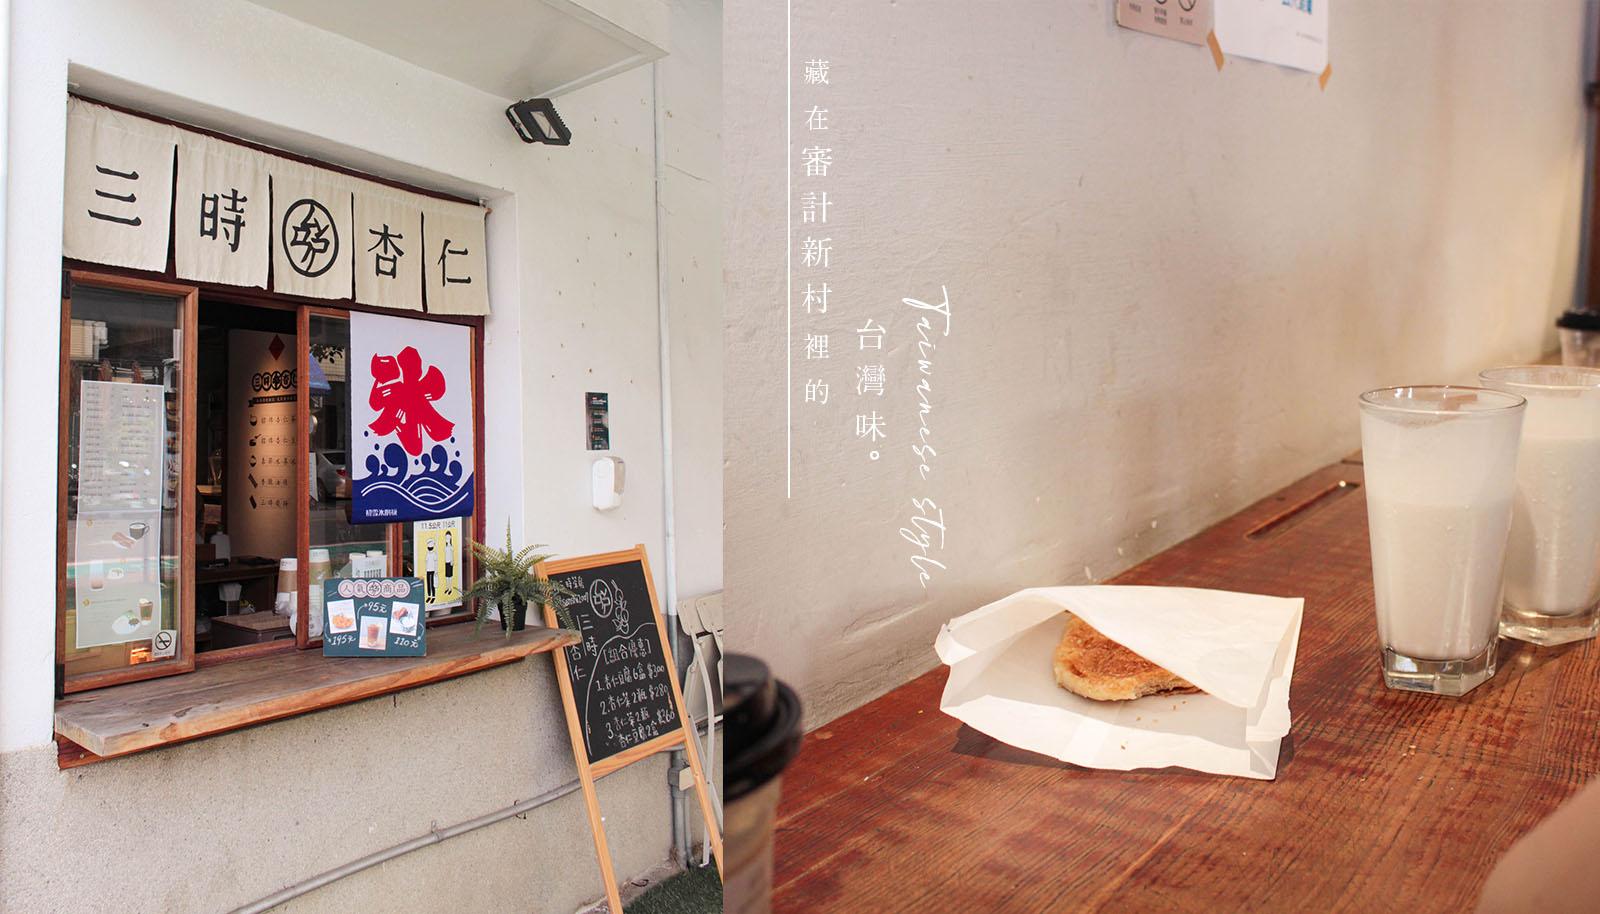 台中西區下午茶|三時杏仁 – 藏在審計新村裡的台灣傳統點心|香濃杏仁茶配燒餅